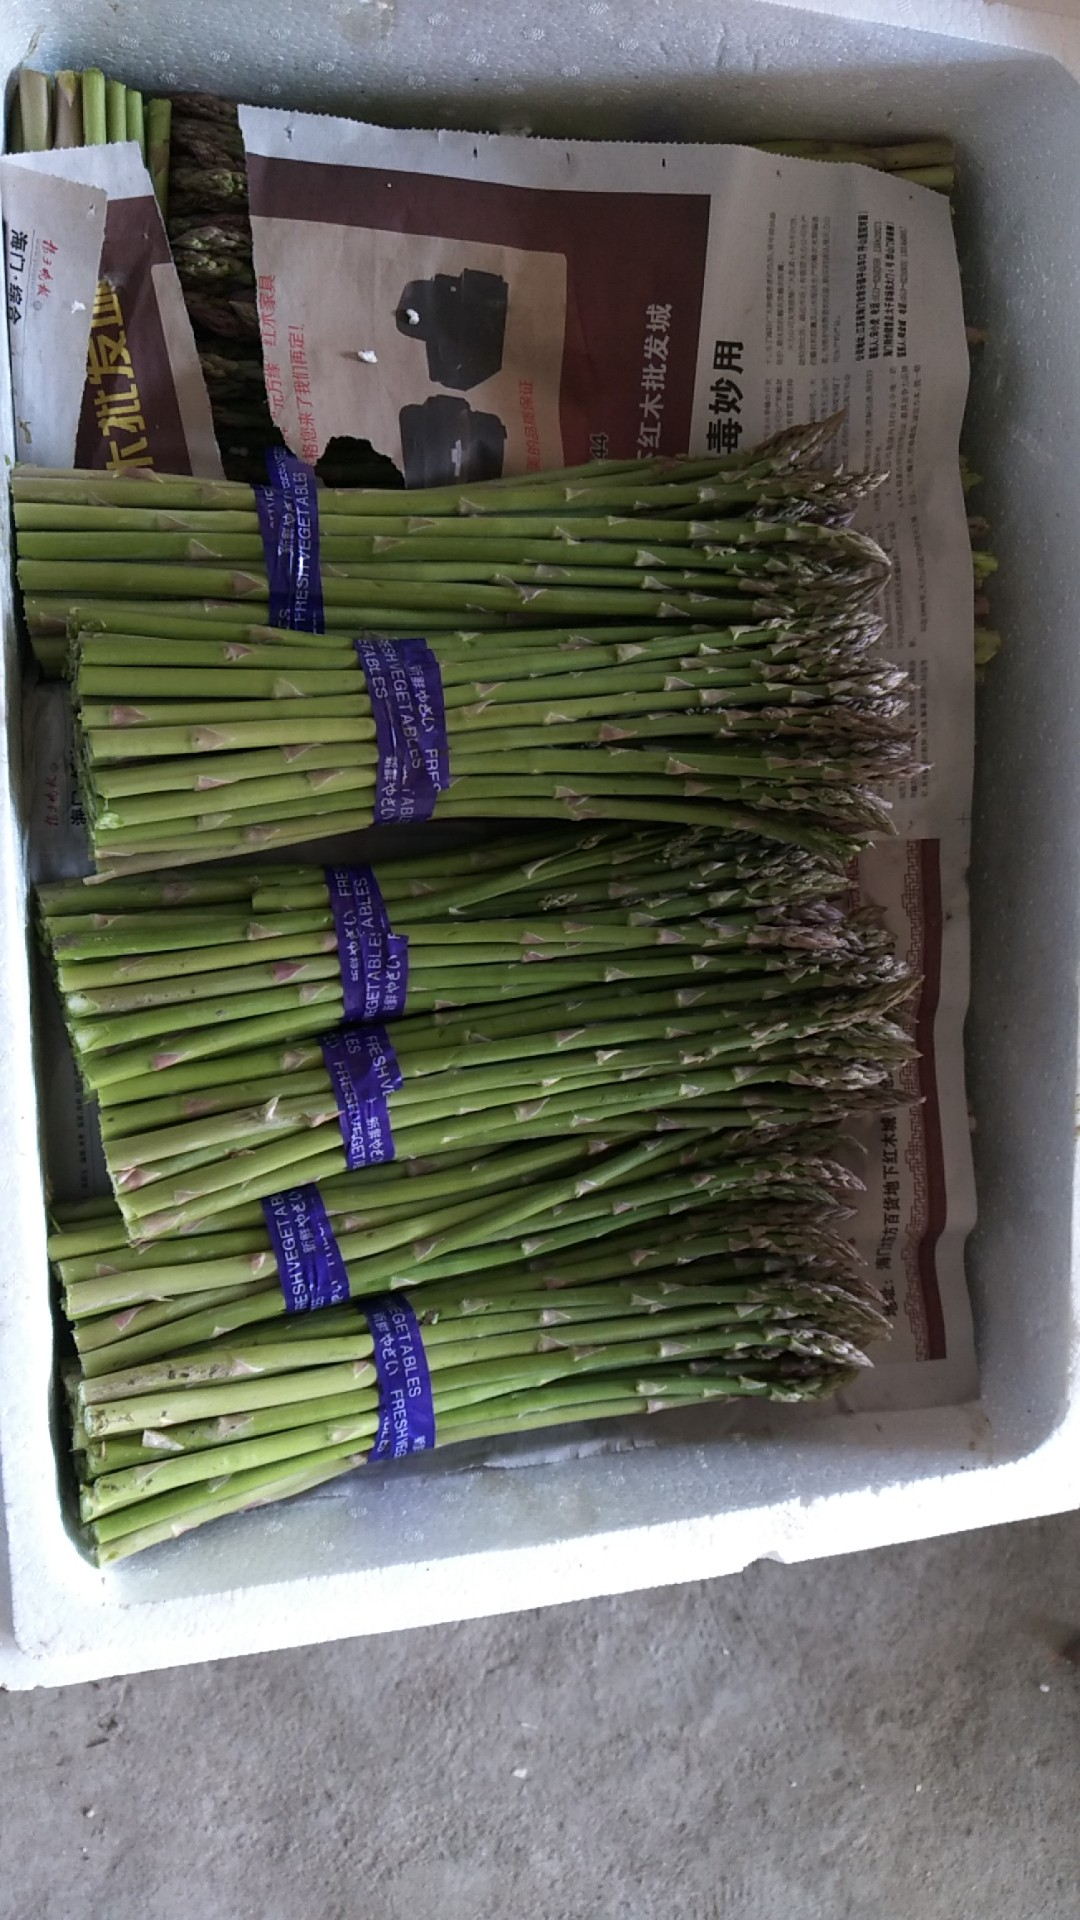 [绿芦笋批发]绿芦笋 混装通货价格3.66元/斤